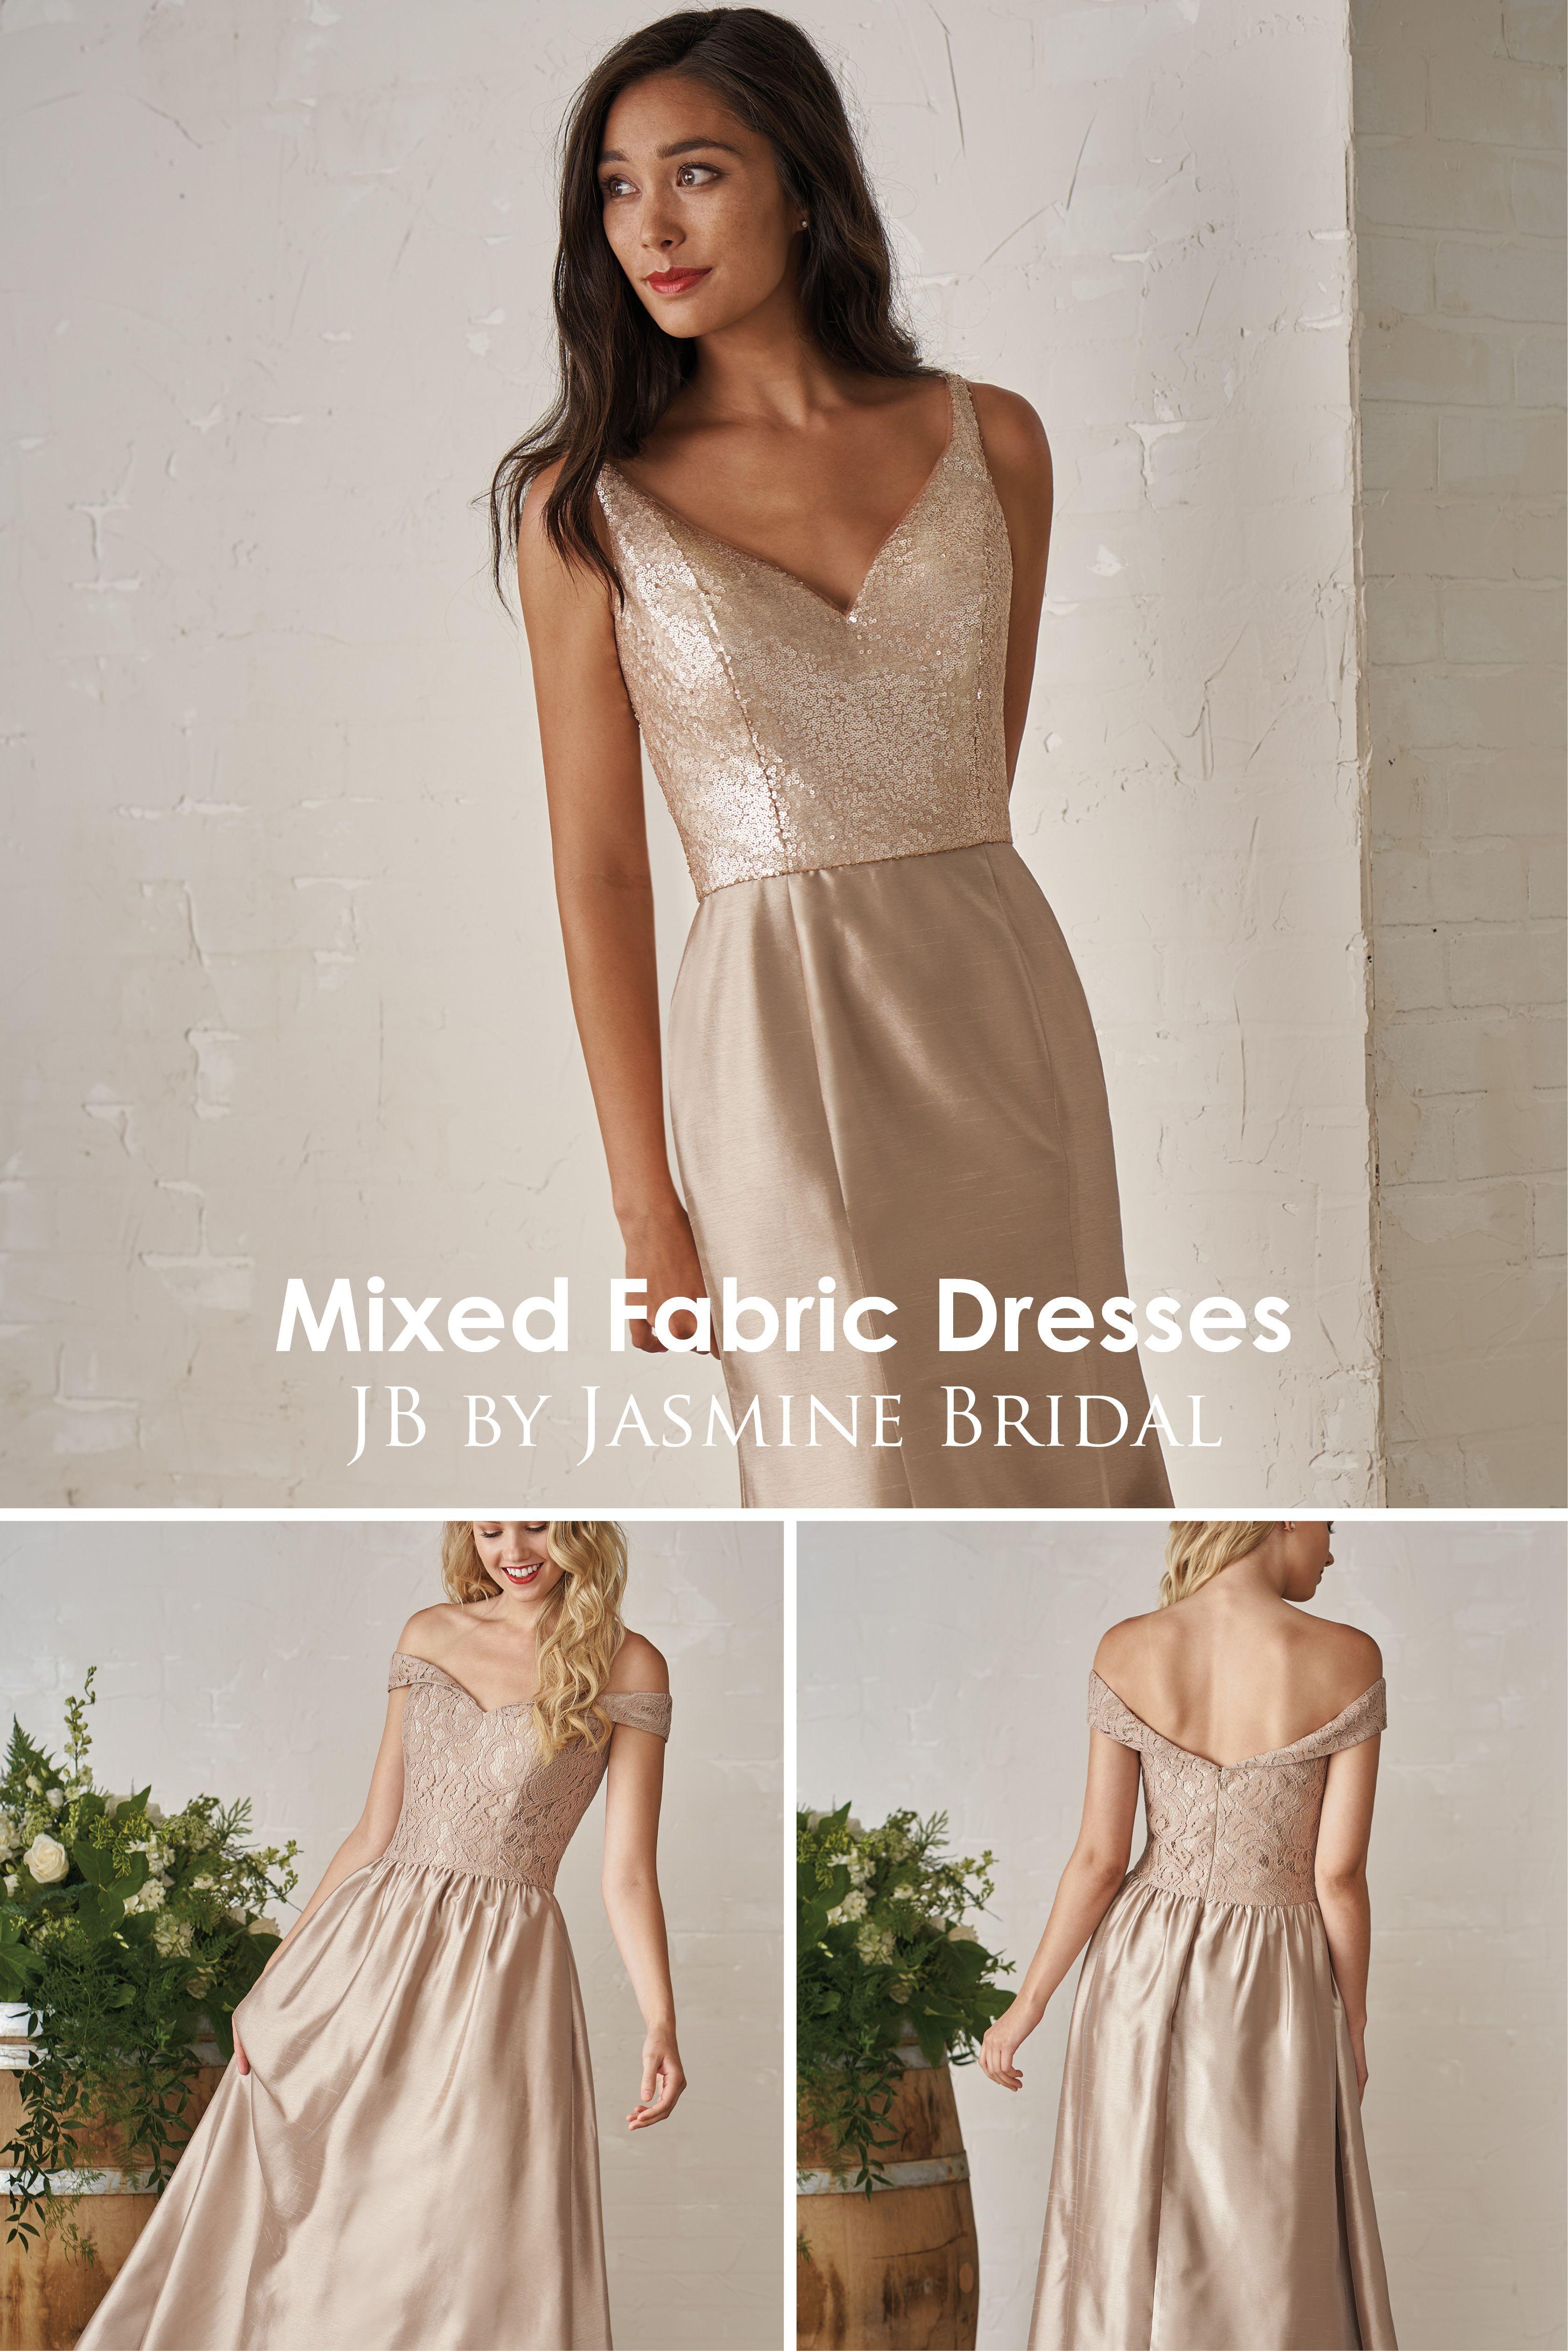 Jasmine wedding dresses  Jasmine Bridal  JB Mixed Fabric Bridesmaid Dresses  Sequin